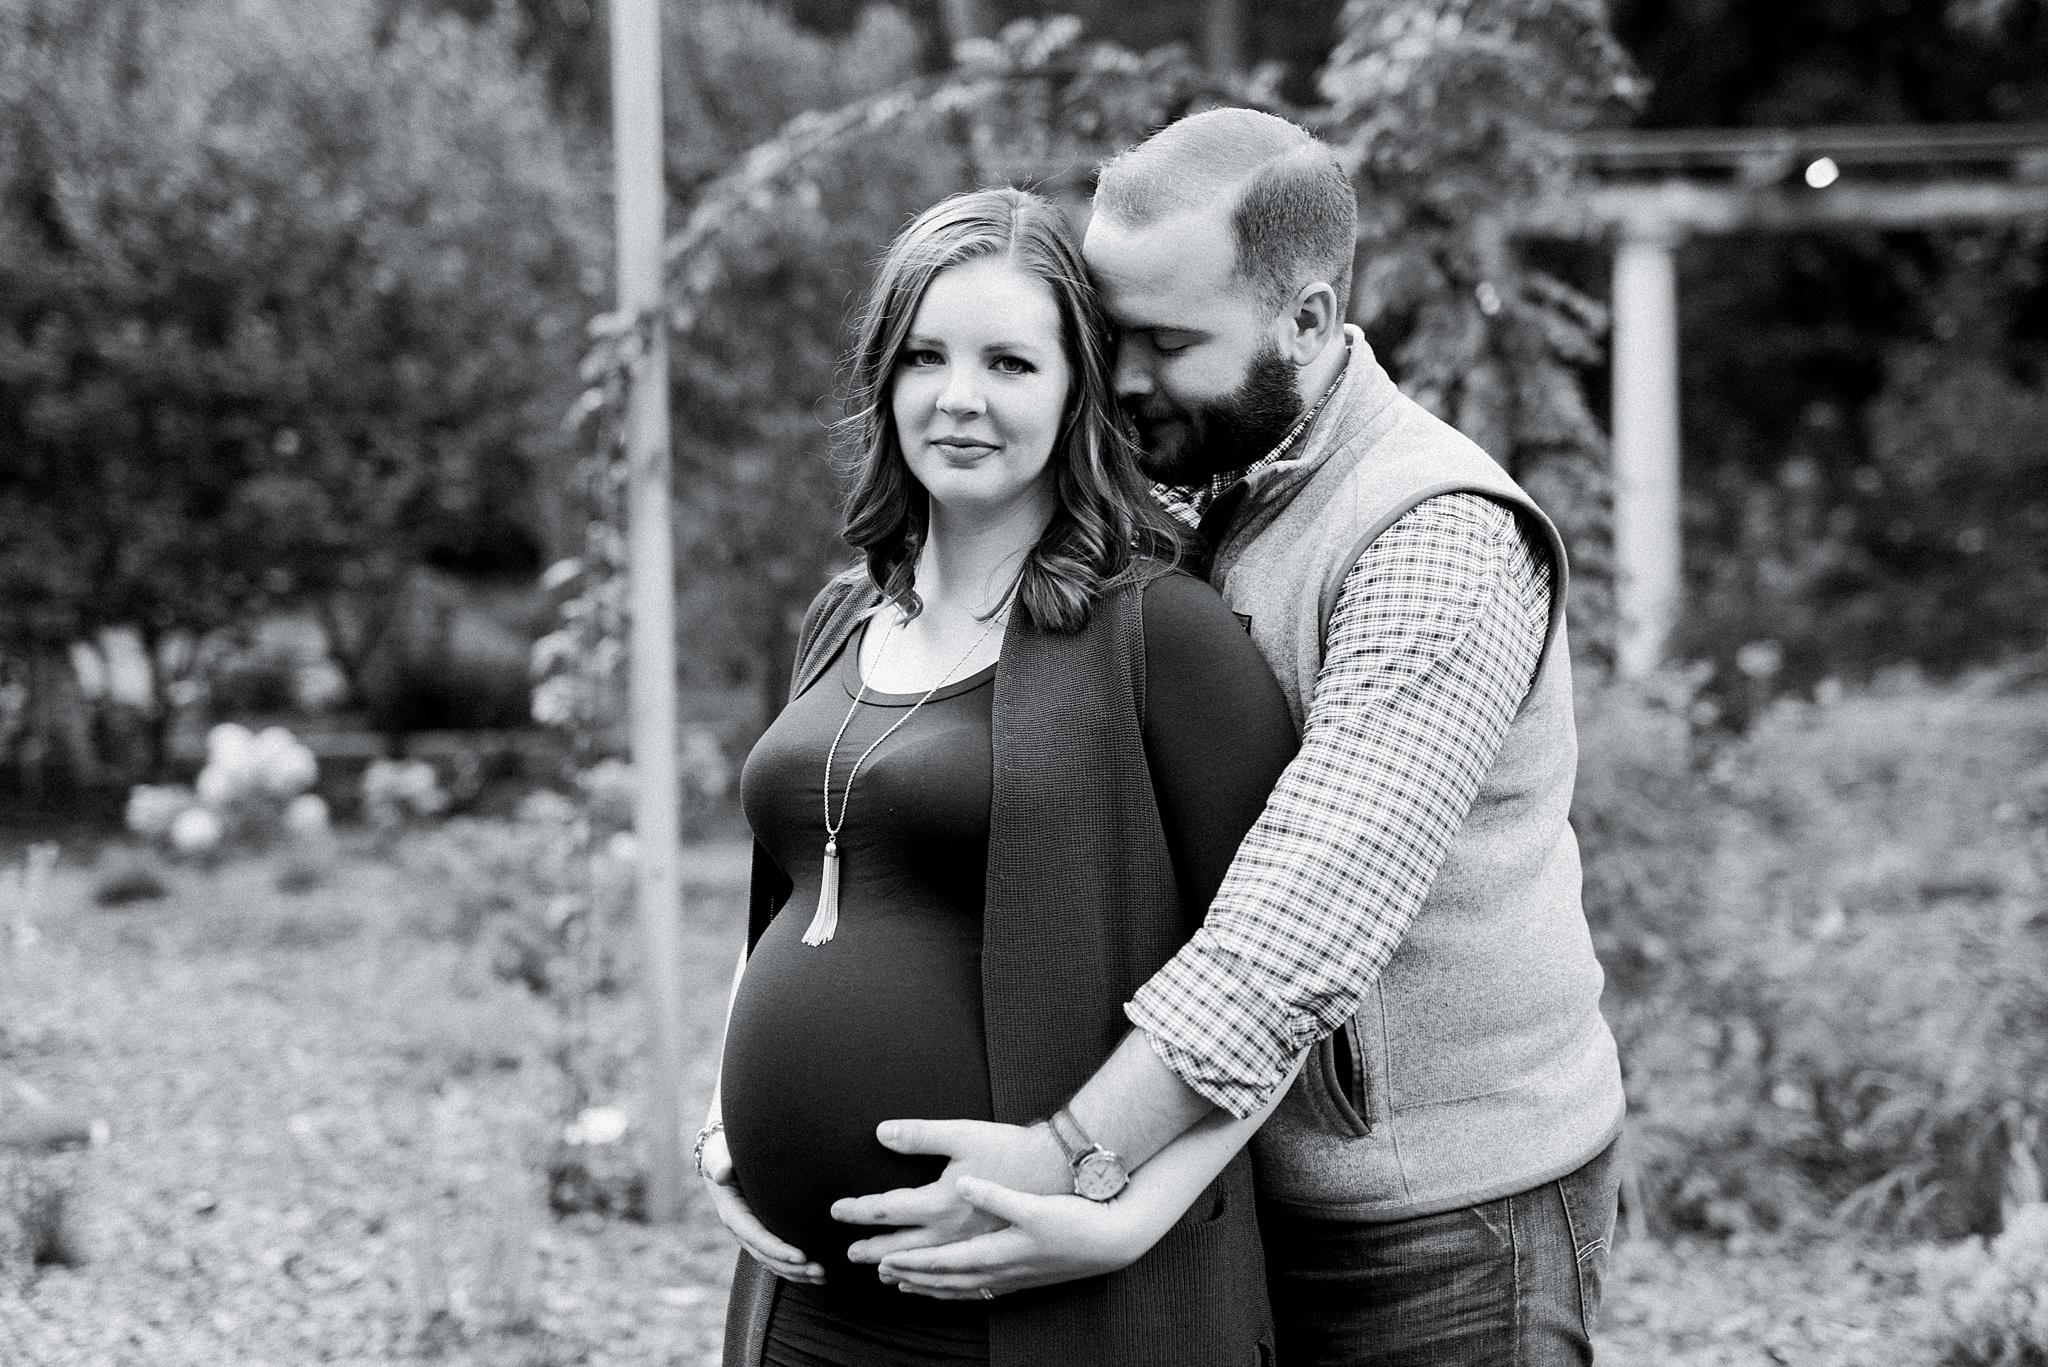 cator-woolforld-gardens-atlanta-fine-art-maternity-photographer-boltfamily-44.jpg